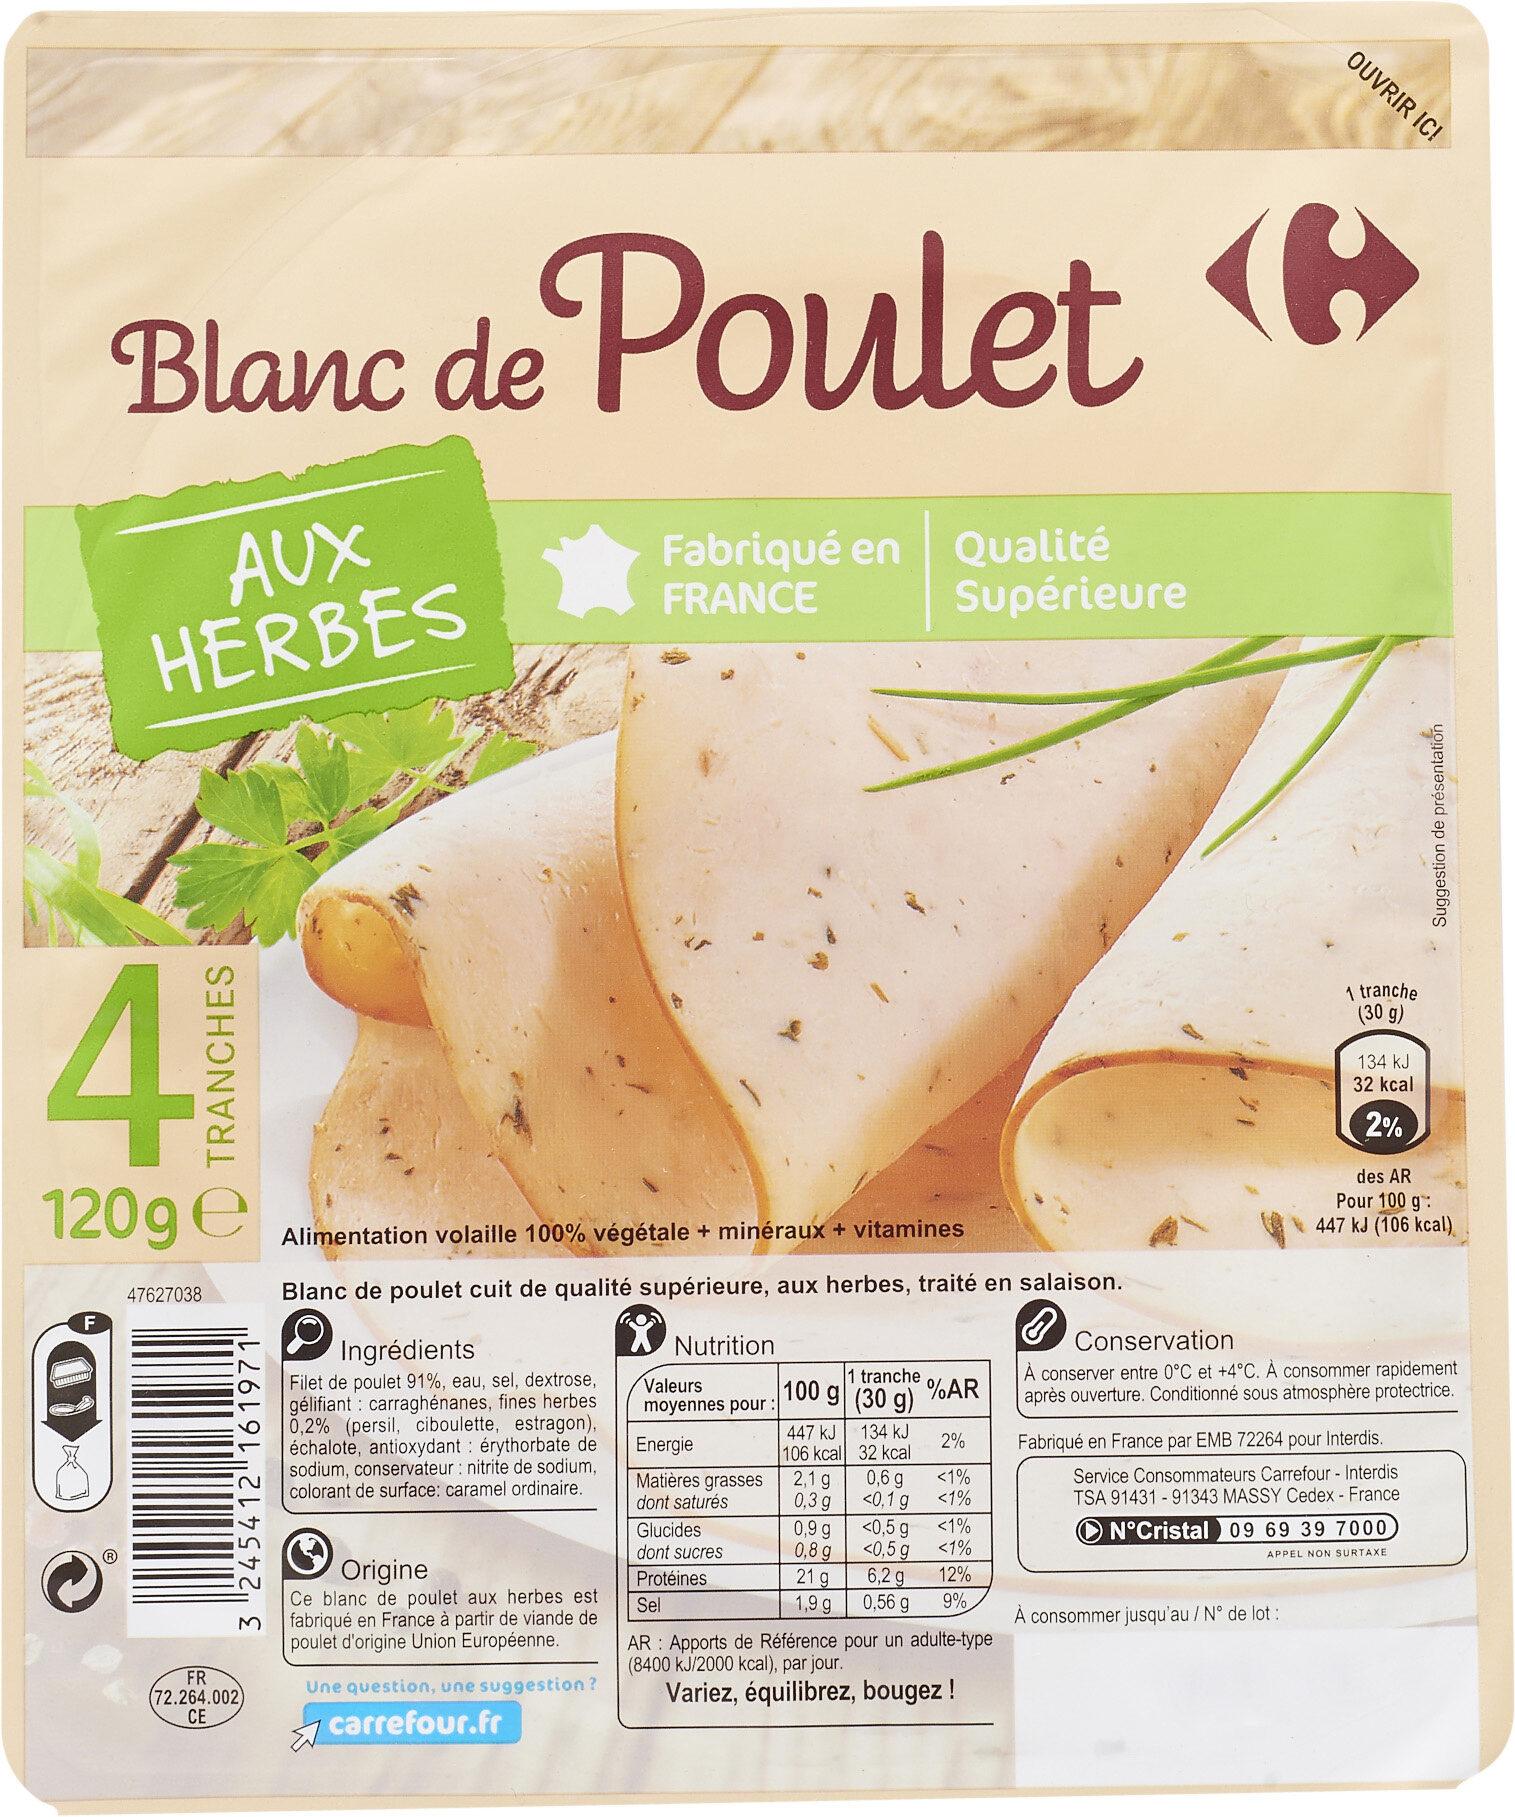 Blanc de poulet aux herbes - Produit - fr